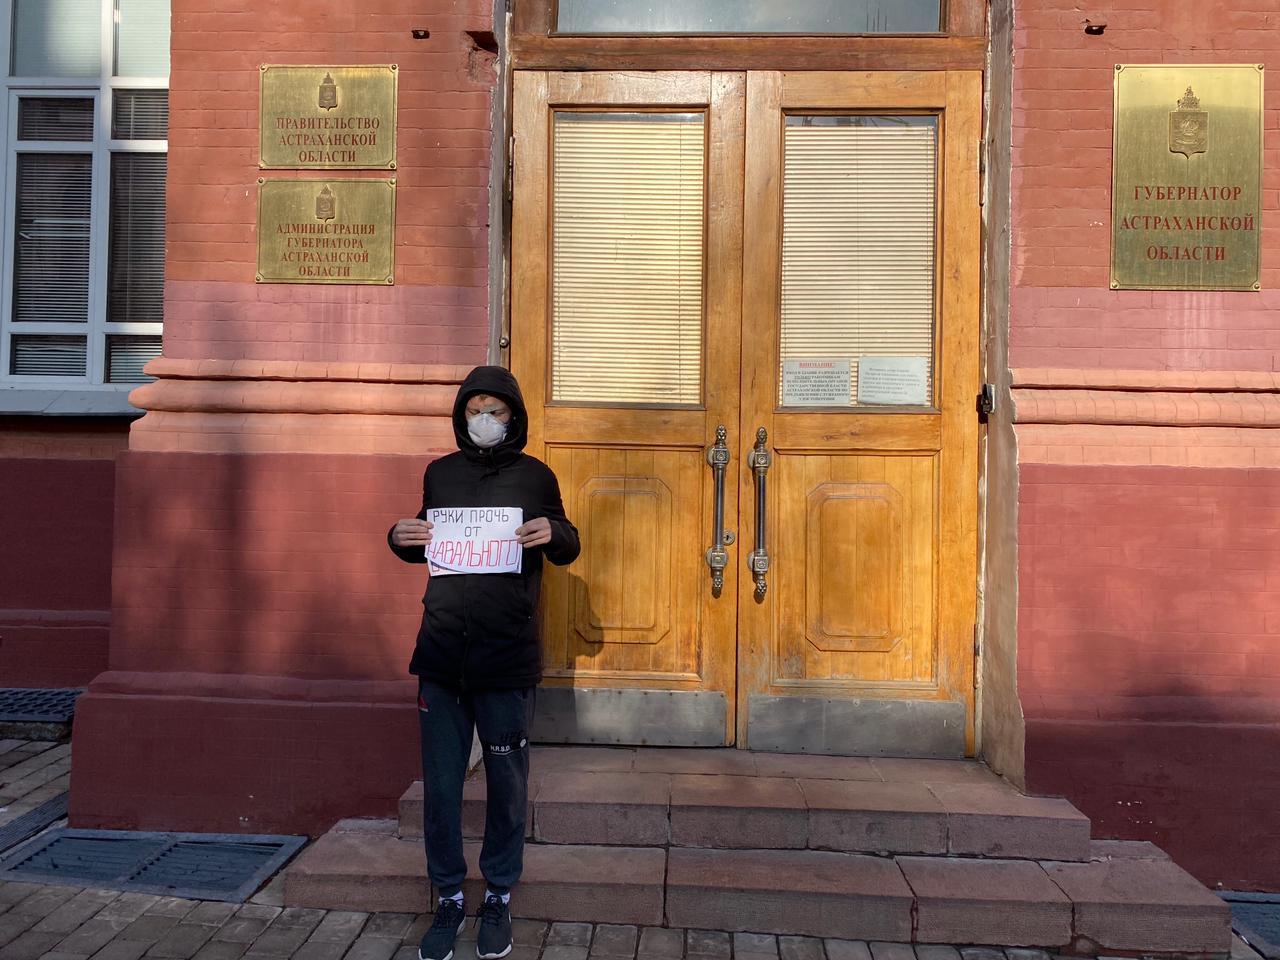 В Астрахани прошел пикет в поддержку Навального